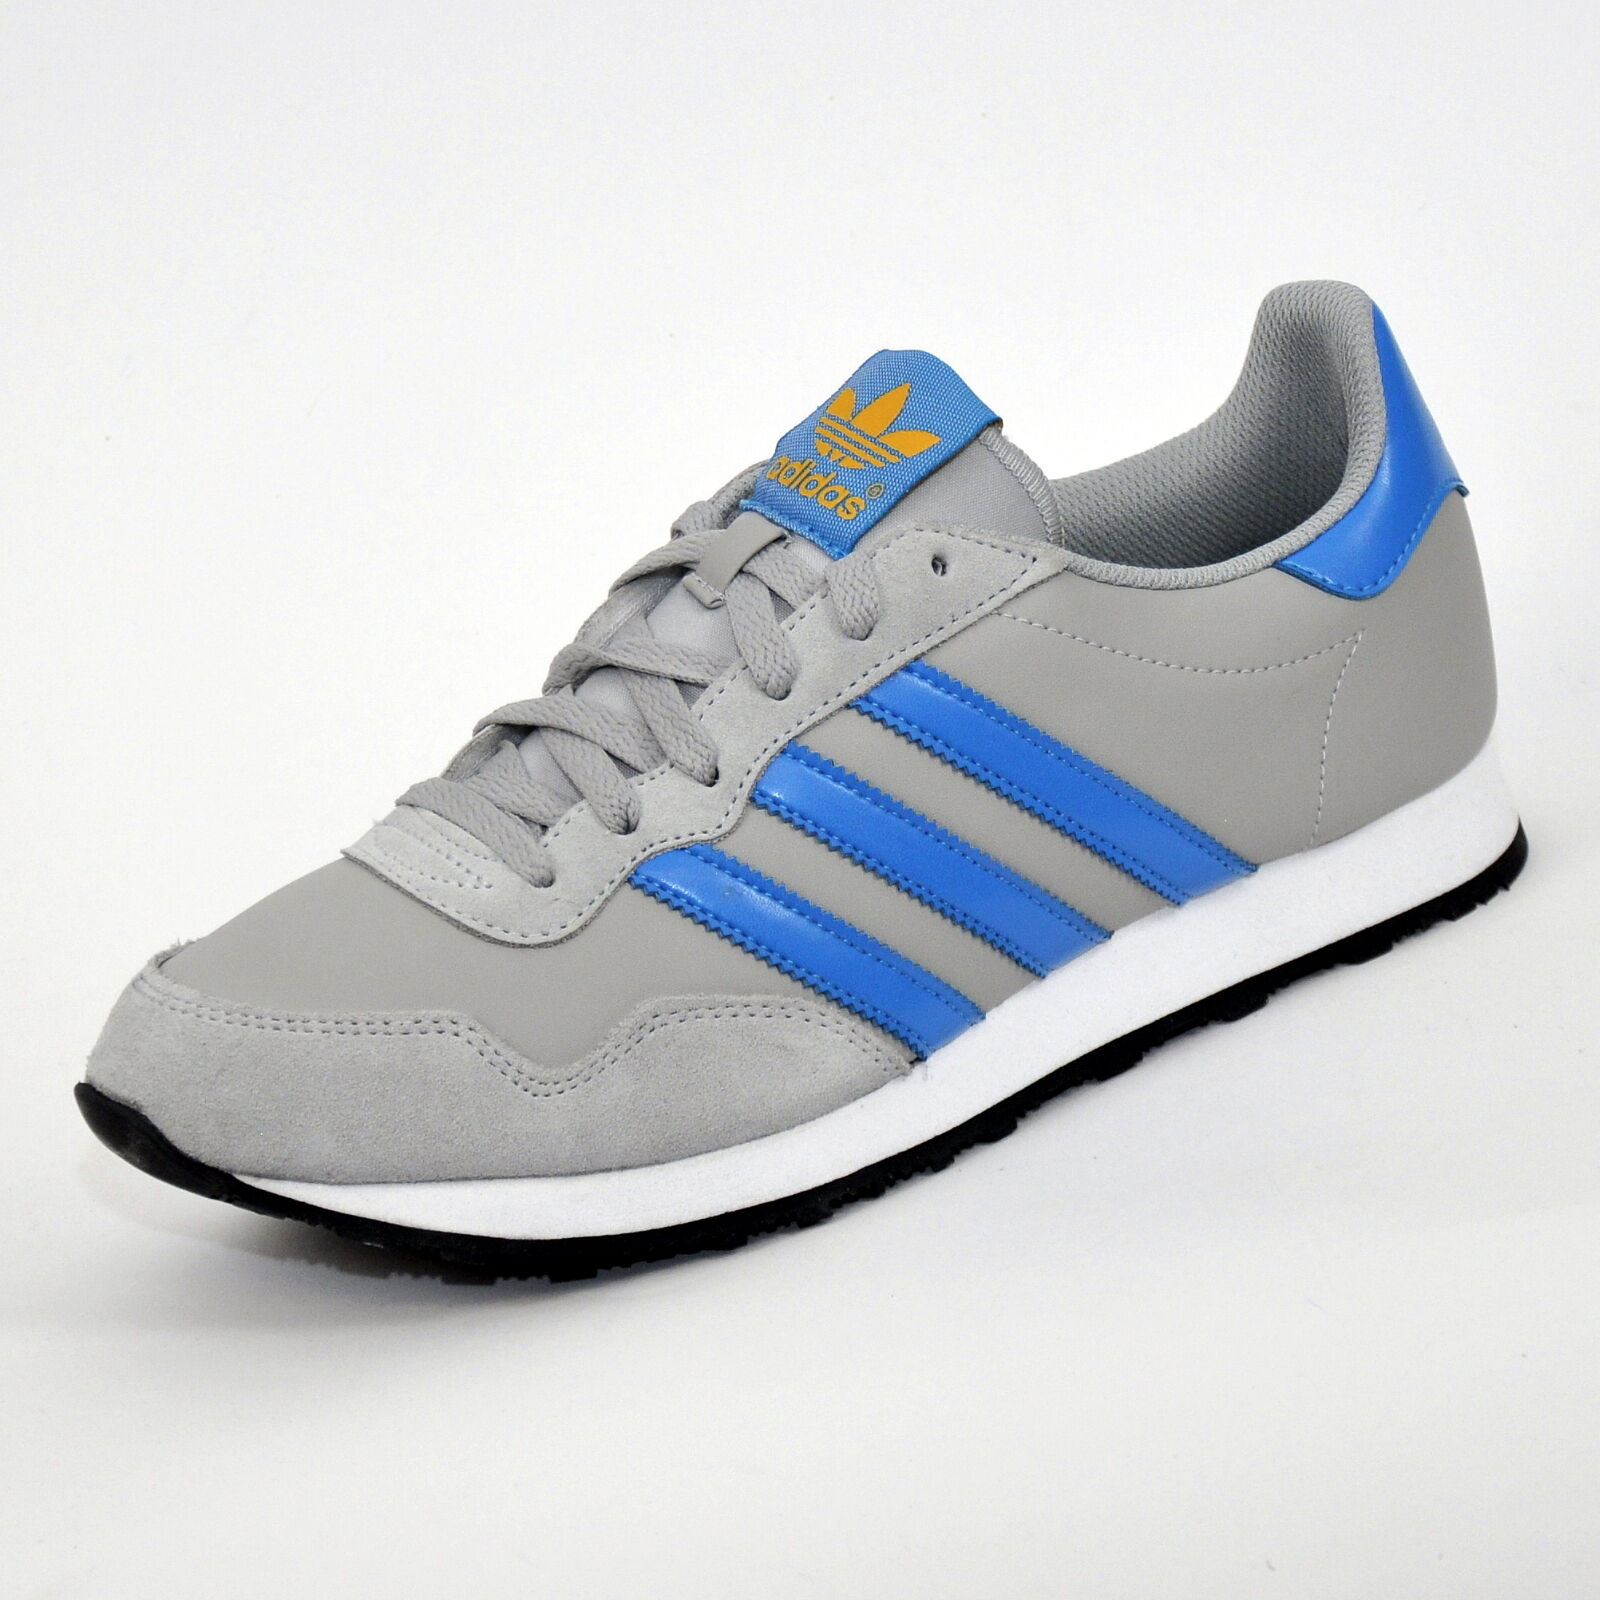 Adidas Originals OCIS RUNNER Sneaker Sportschuhe Herren Schuhe Grau D65671